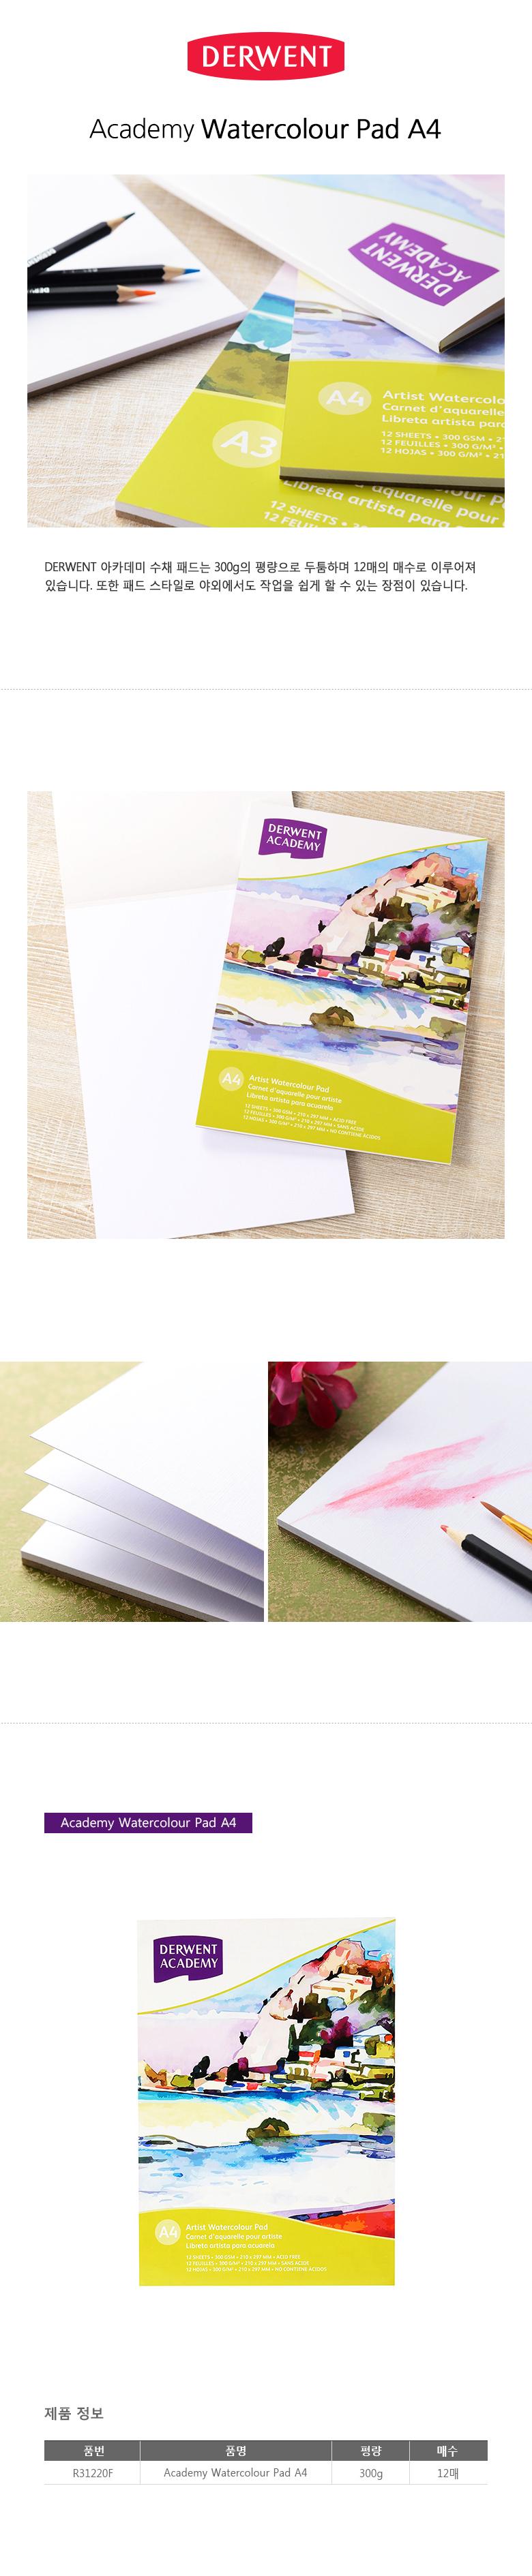 더웬트 아카데미 워터컬러 패드 A4 - 캘리하우스, 6,000원, 화방지류, 스케치북